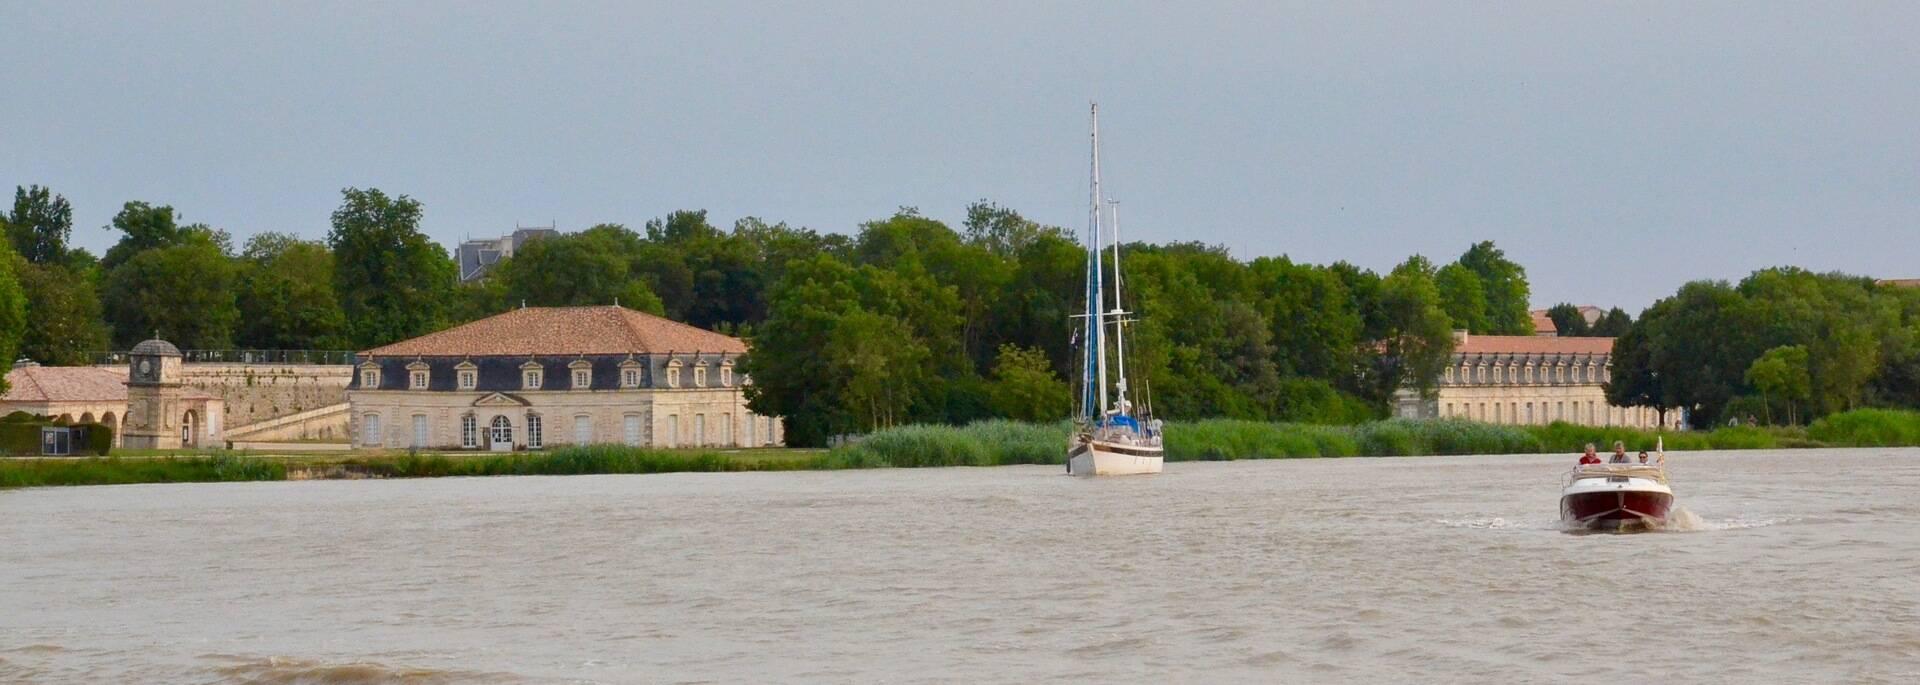 L'arsenal de Rochefort se découvre aussi en longeant le fleuve Charente - © Samuel Courtois